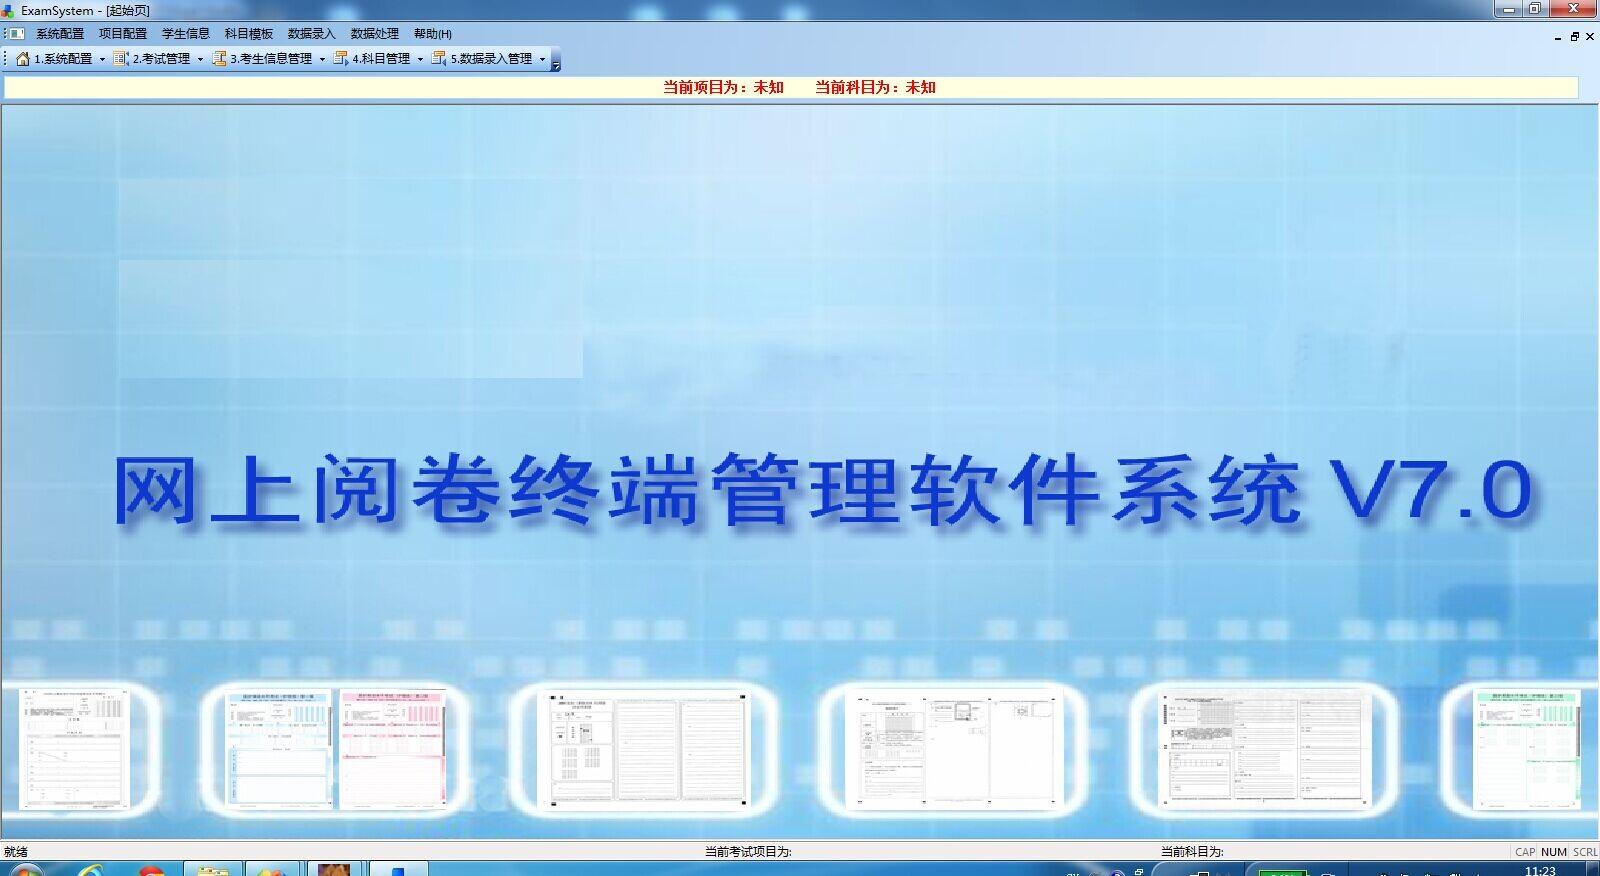 许昌县网上阅卷系统为您供应 网上阅卷系统优质厂家|行业资讯-河北省南昊高新技术开发有限公司